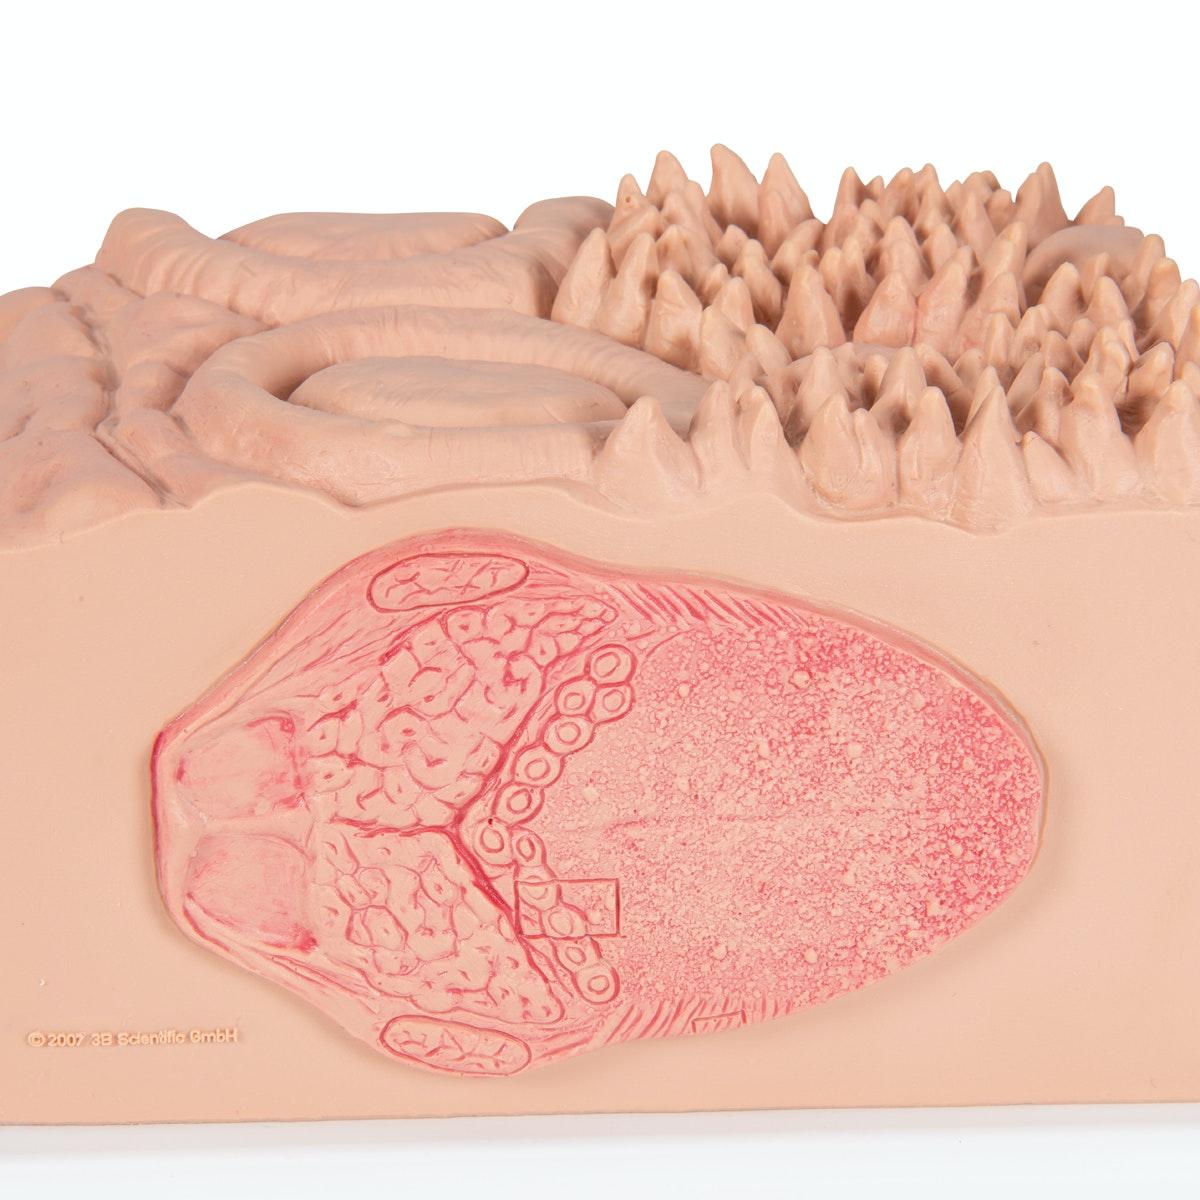 Detaljeret model af tungens forskellige væv i et mikroskopisk perspektiv